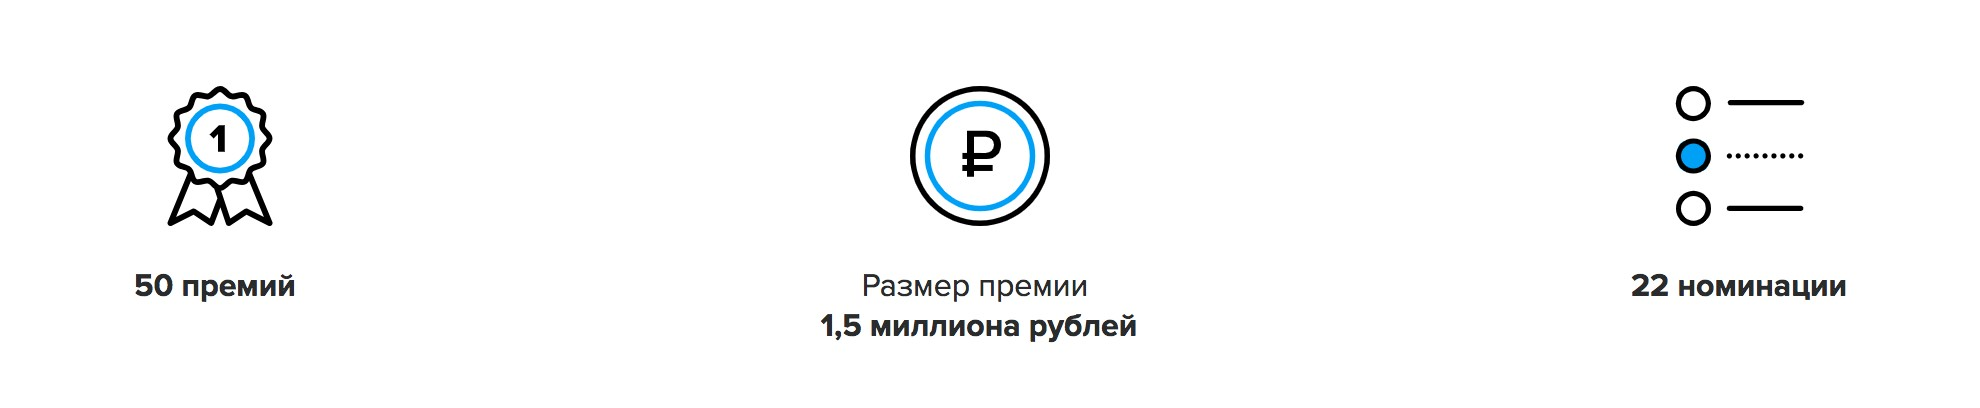 snimok-ekrana-2018-09-19-v-12-58-02